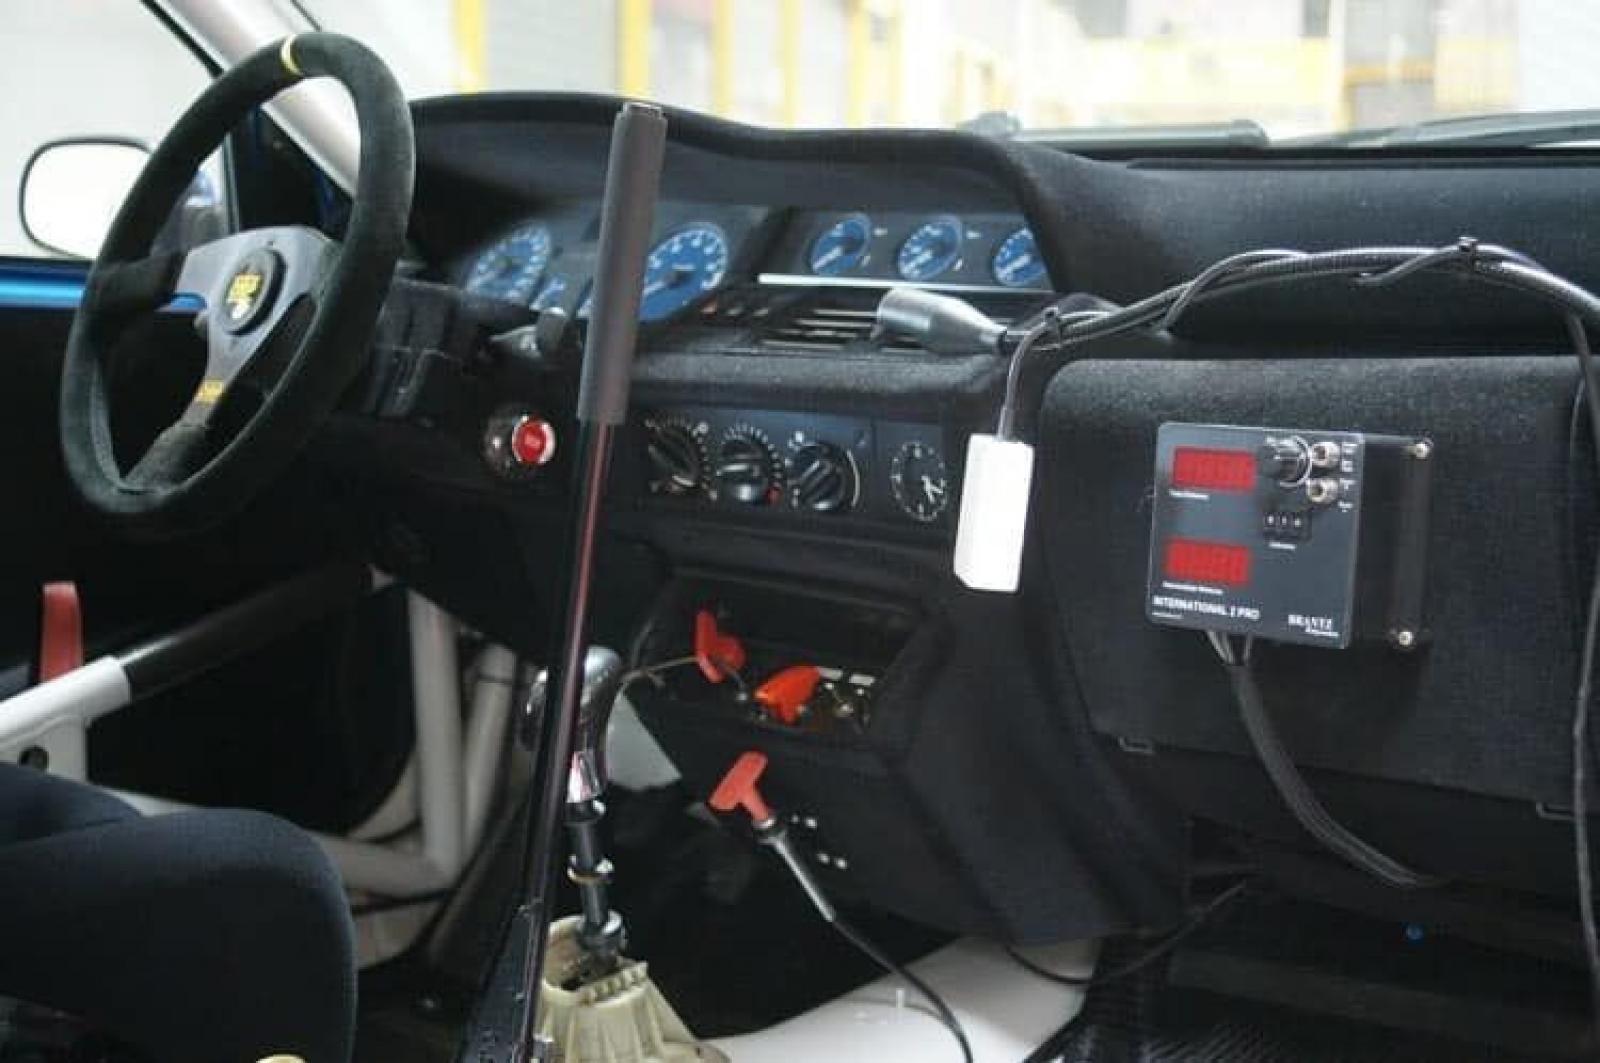 Williams – Renault CLIO 2.0, 16 V Gr.A - 4